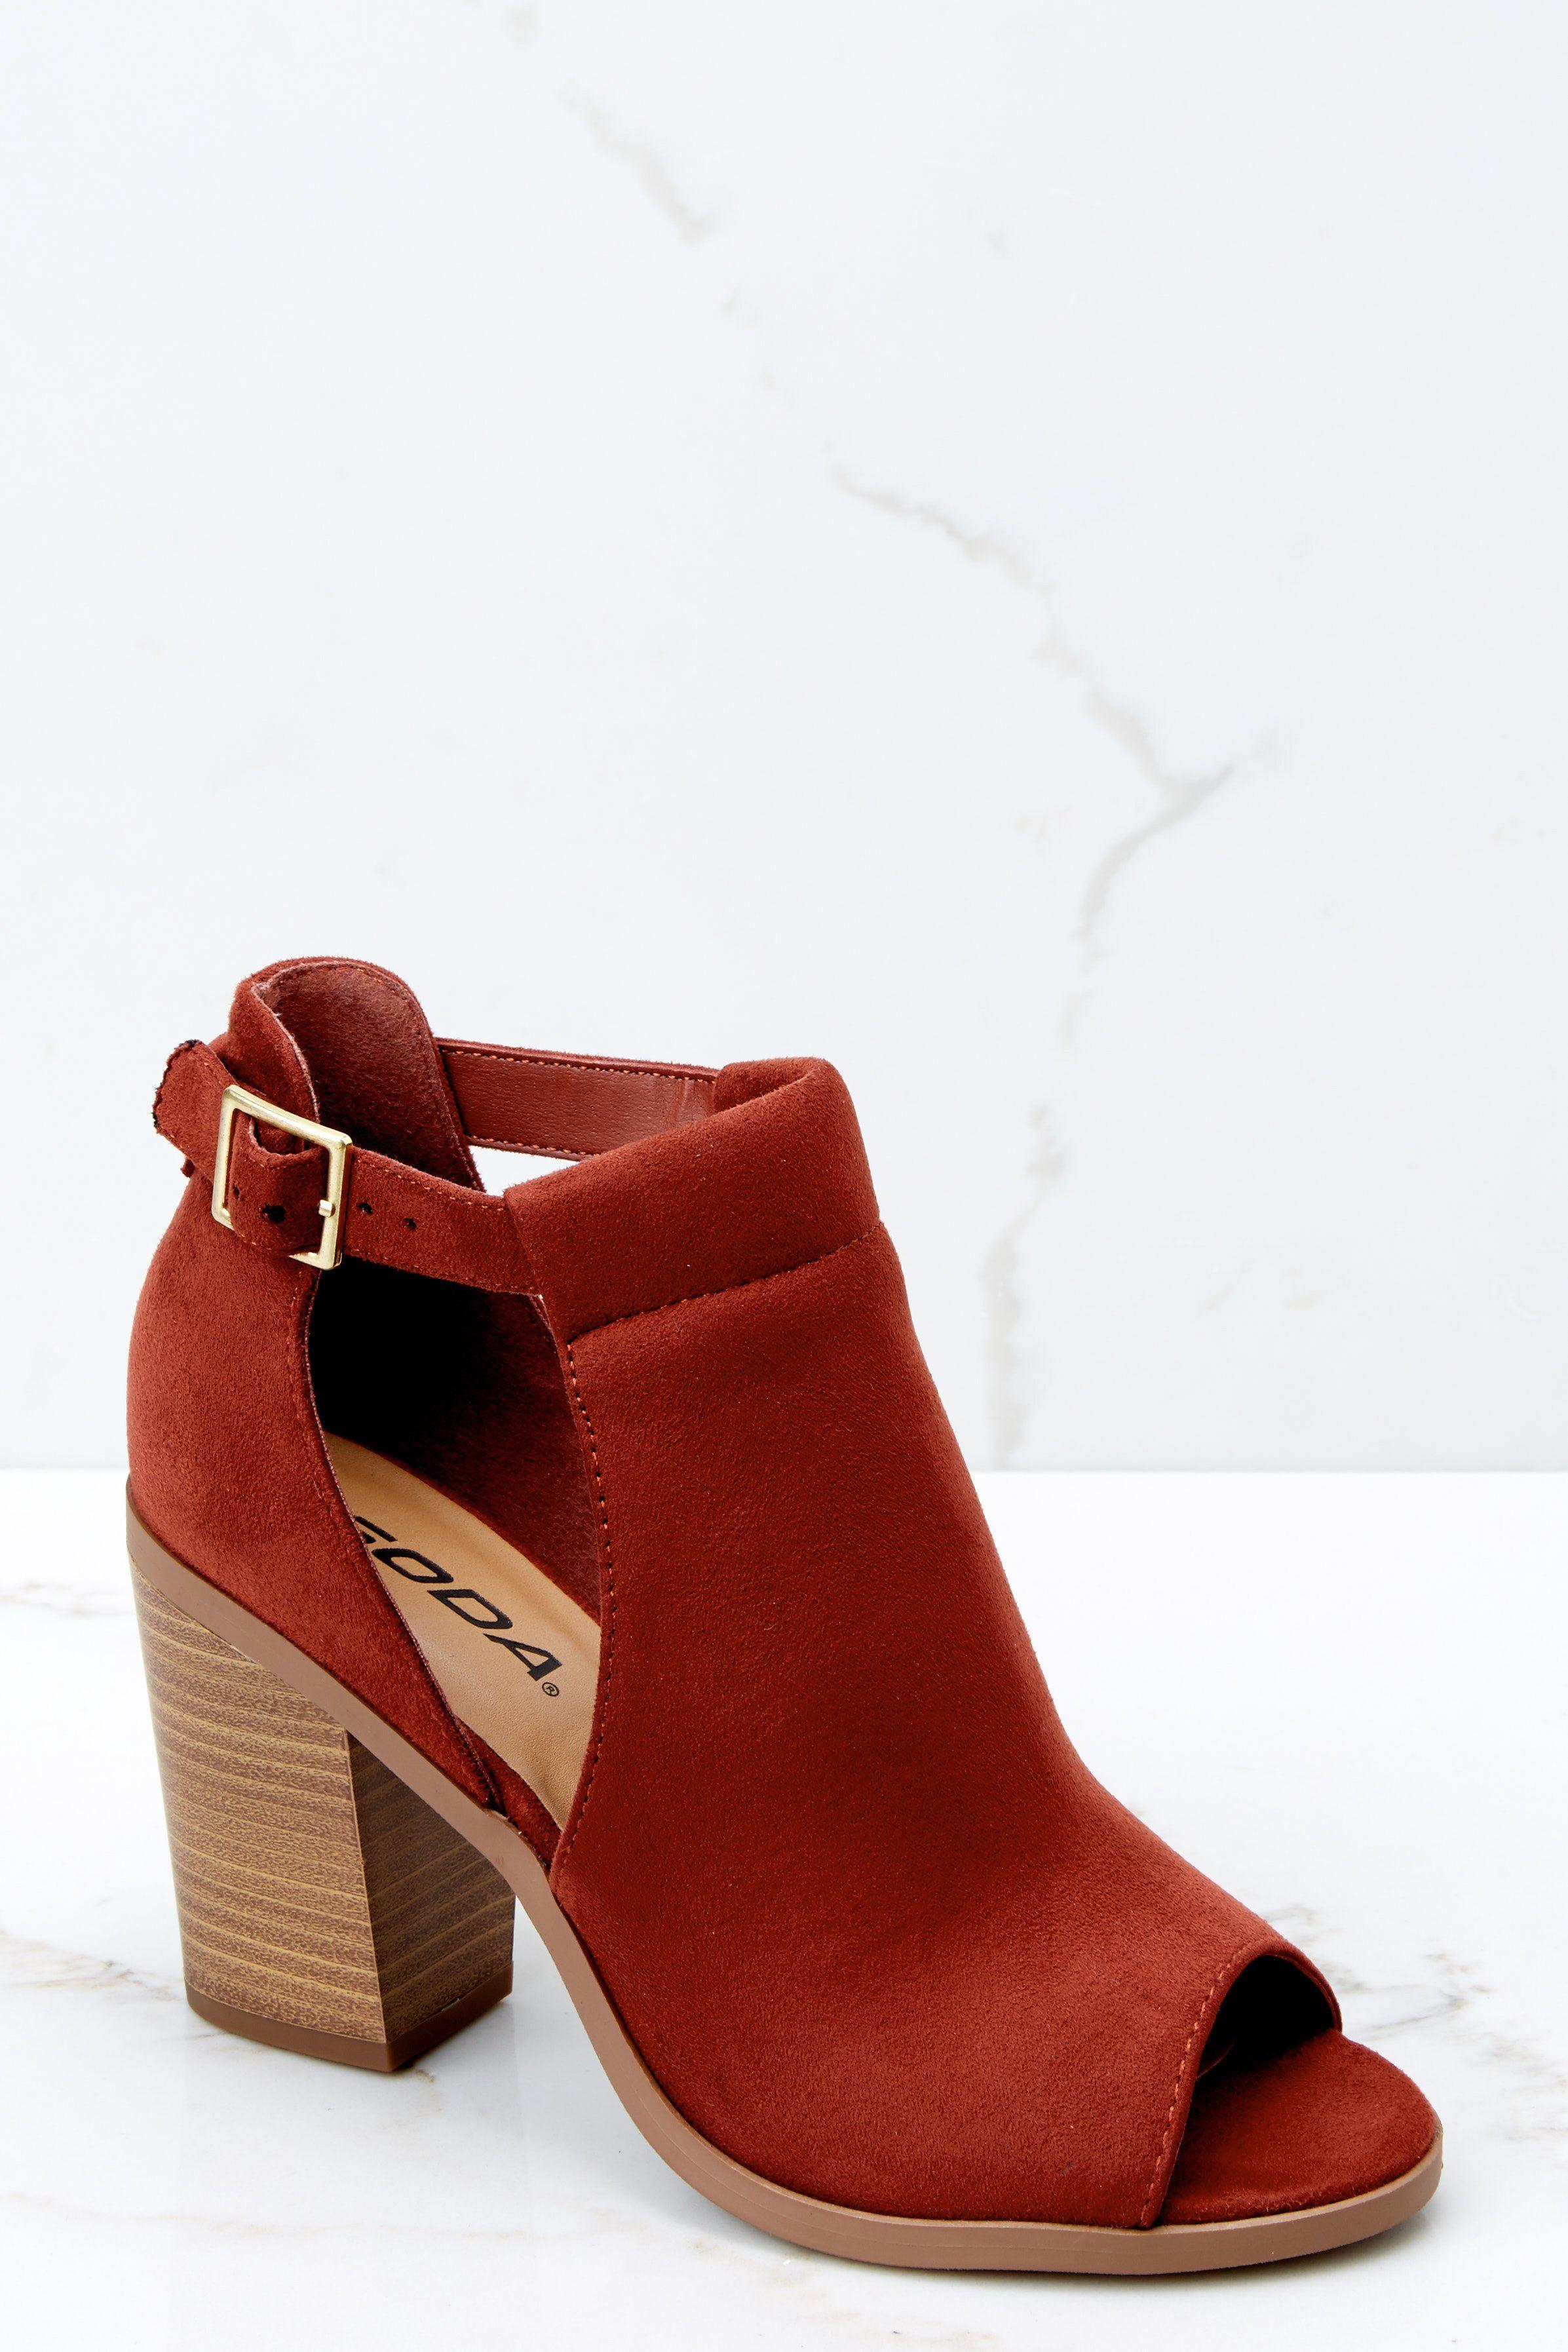 2019 year look- How to peep red wear toe heels